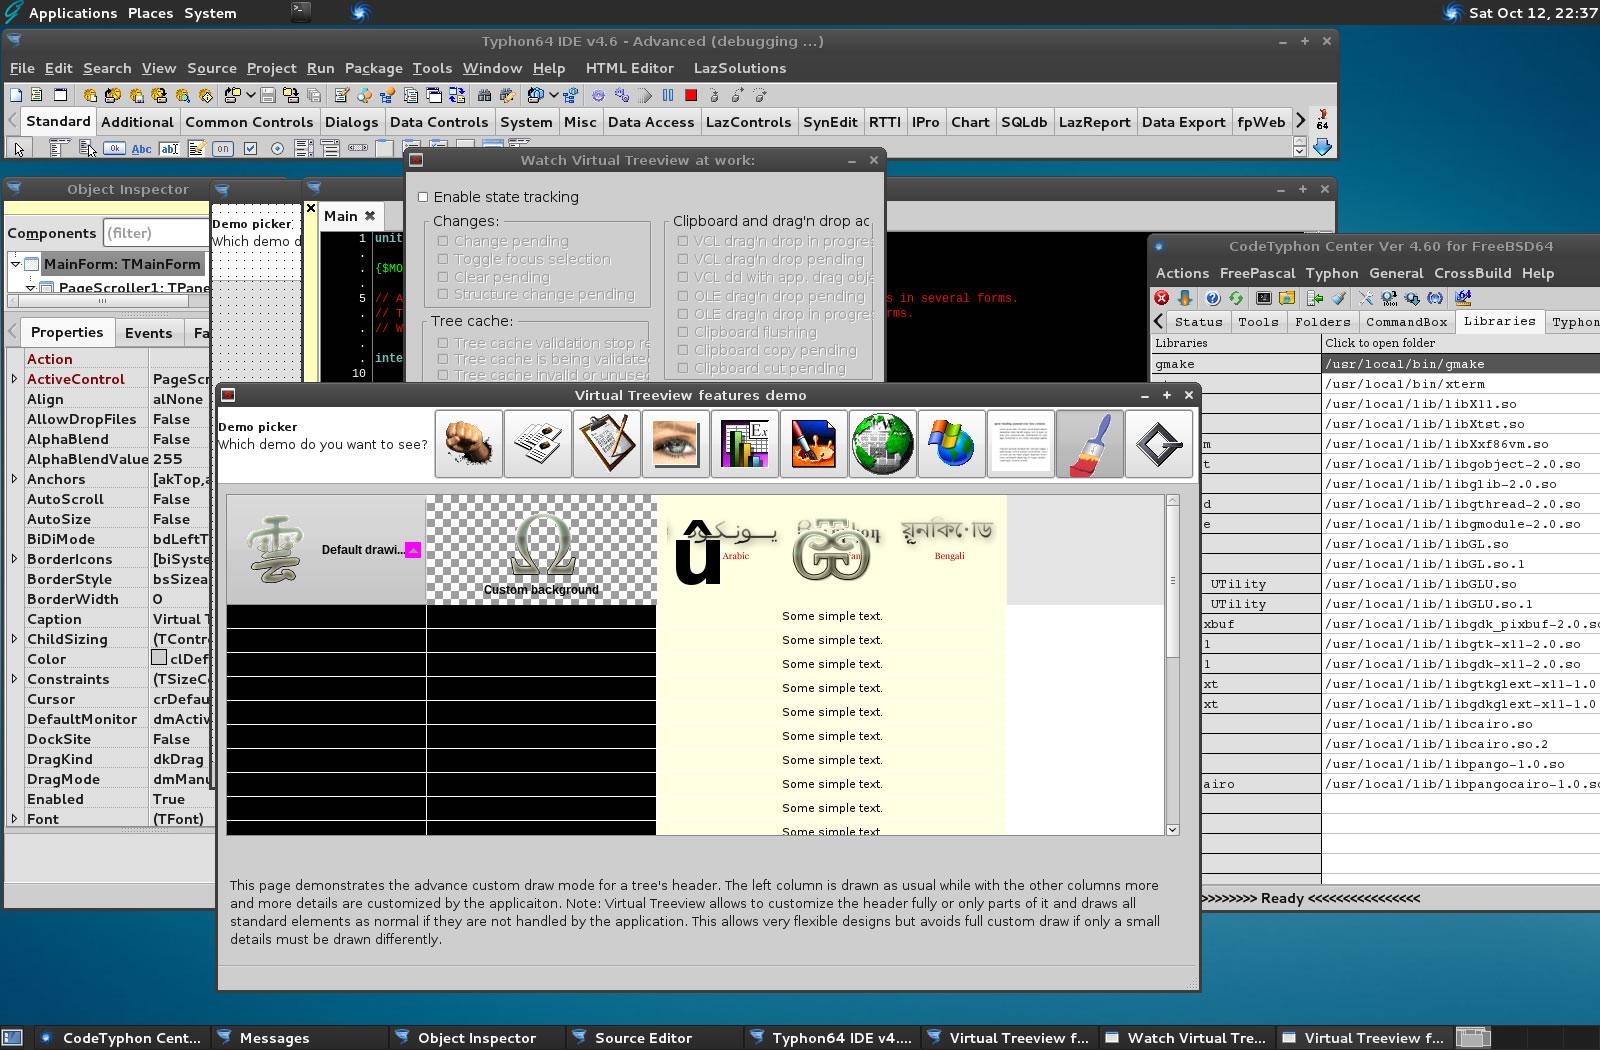 GhostBSD64-12.jpg